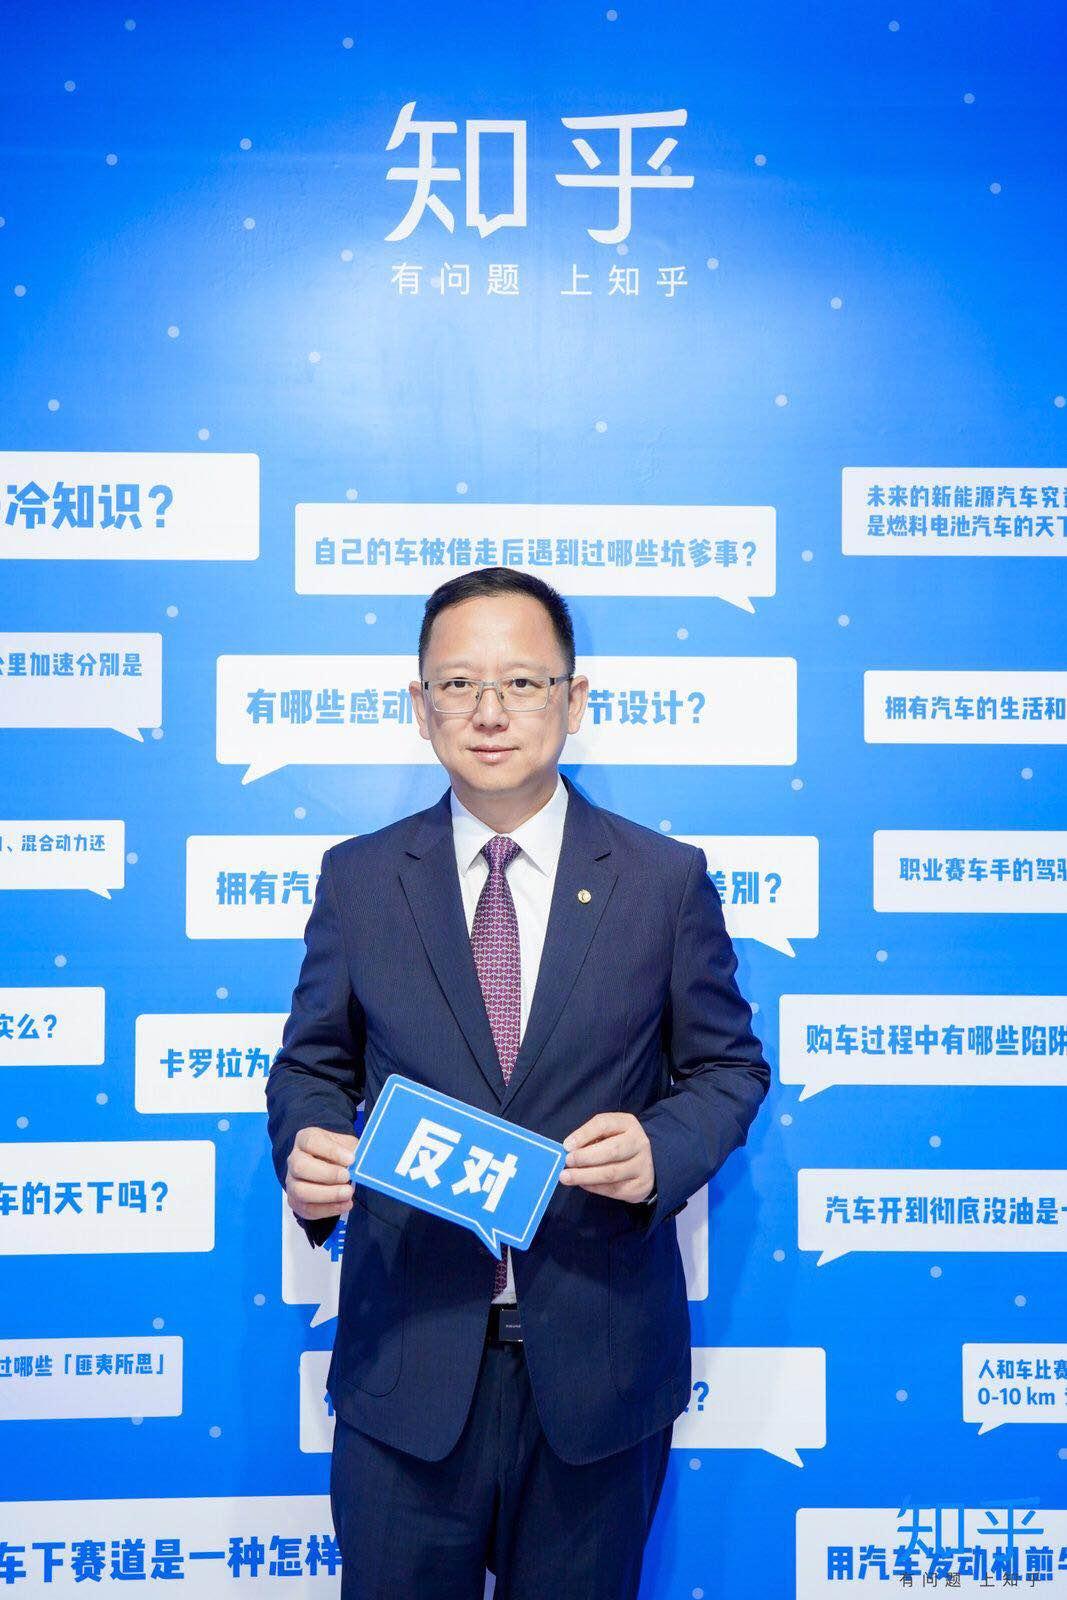 东风乘用车公司副总经理颜宏斌